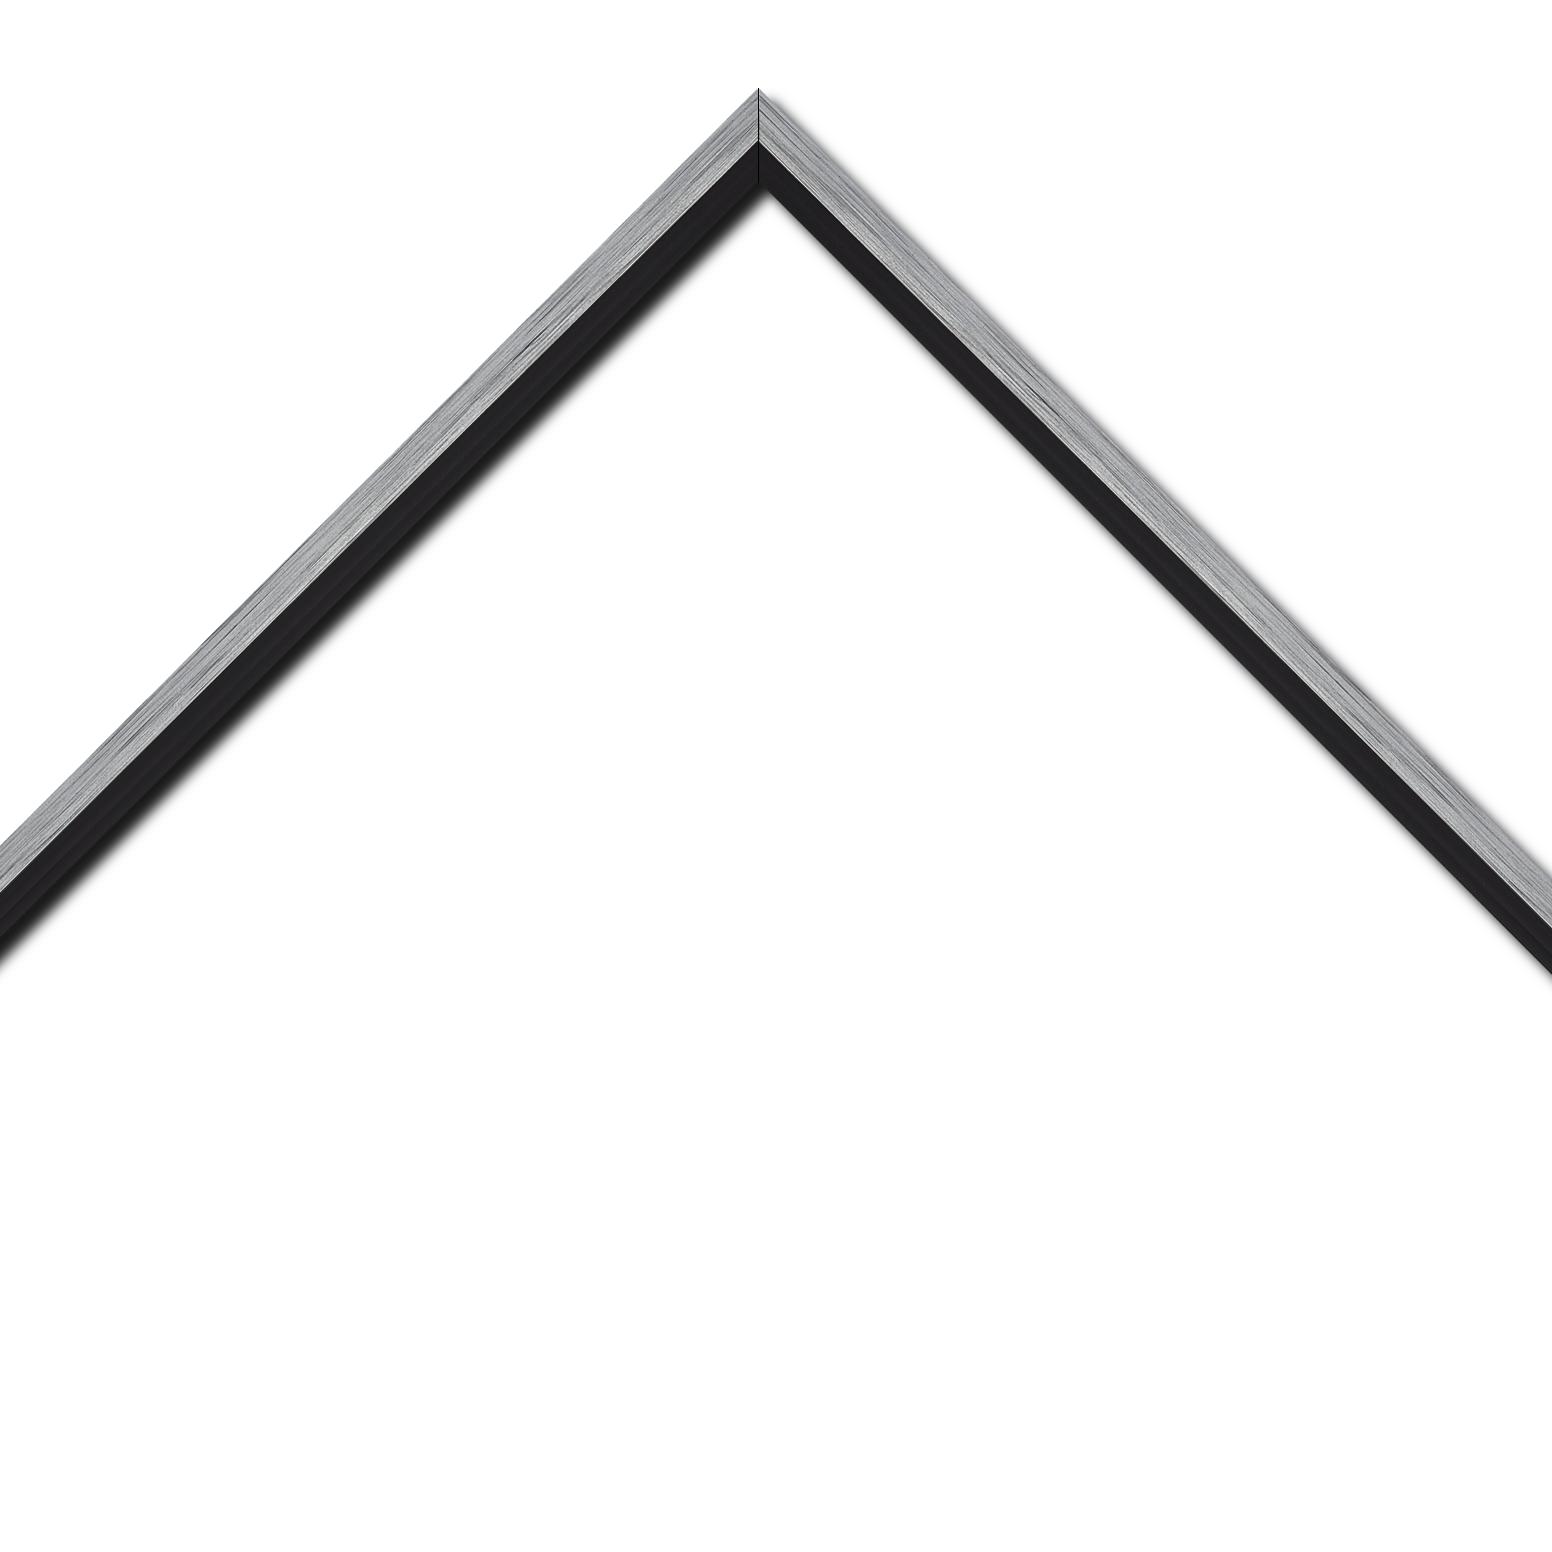 Baguette bois profil plat largeur 1.6cm couleur argent contemporain filet noir en retrait de la face du cadre de 6mm assurant un effet très original